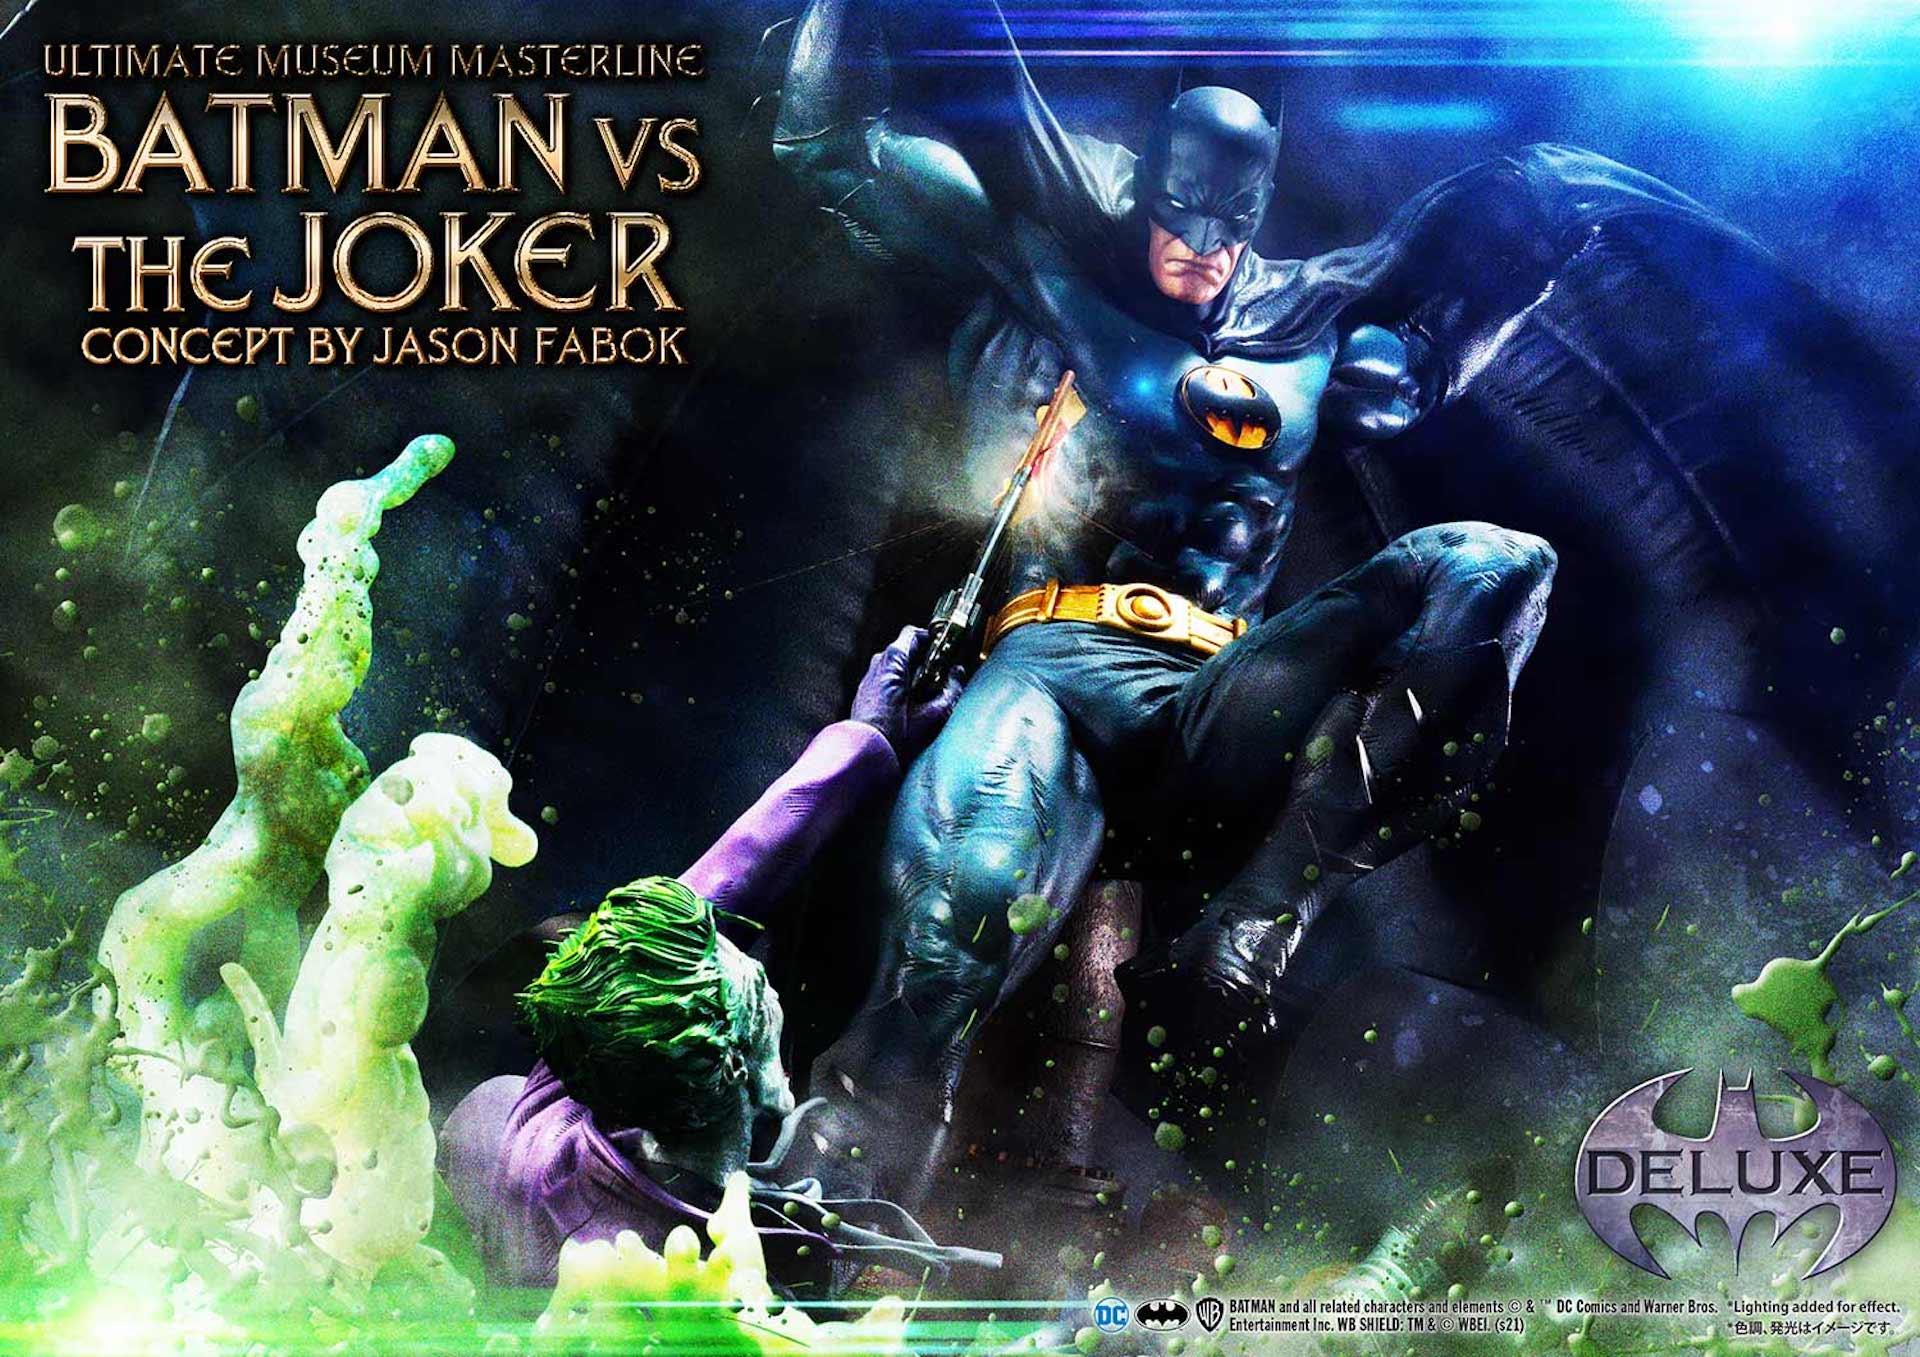 """バットマンとジョーカーによる永遠の戦いがフィギュアに!「バットマンVSジョーカー """"コンセプト by ジェイソン・ファボック""""」が予約受付スタート art211007_batman_joker_figure_2"""